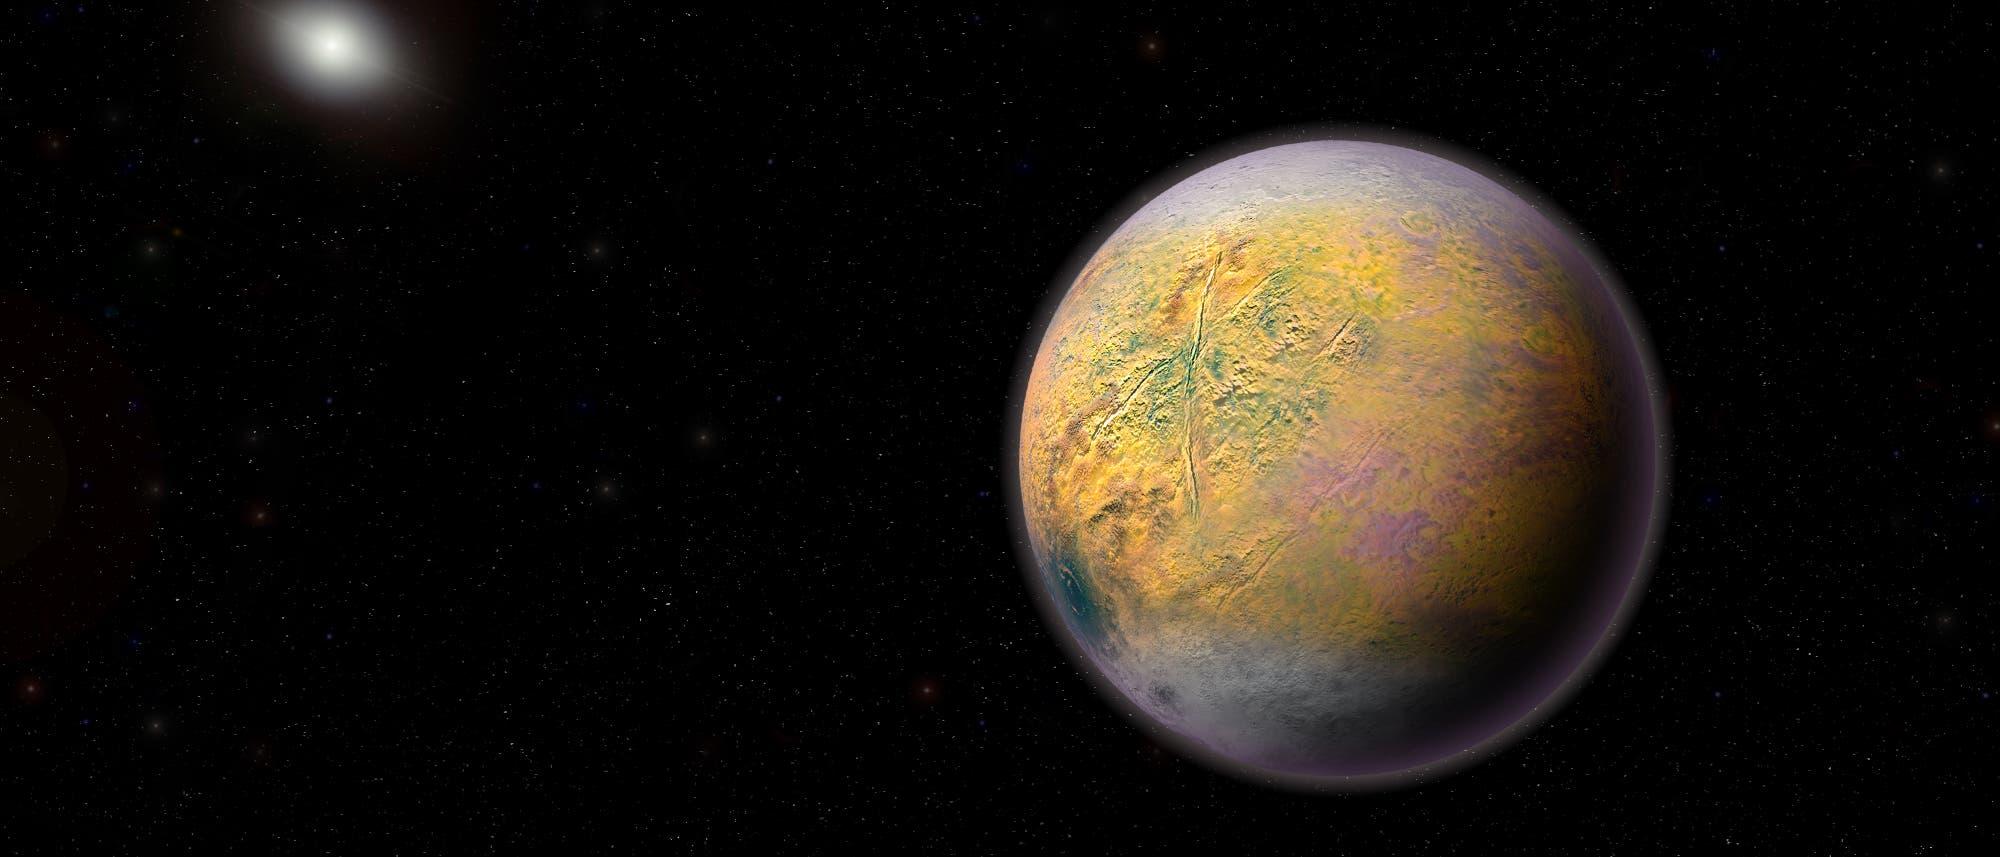 Der hypothetische Planet X in einer künstlerischen Darstellung